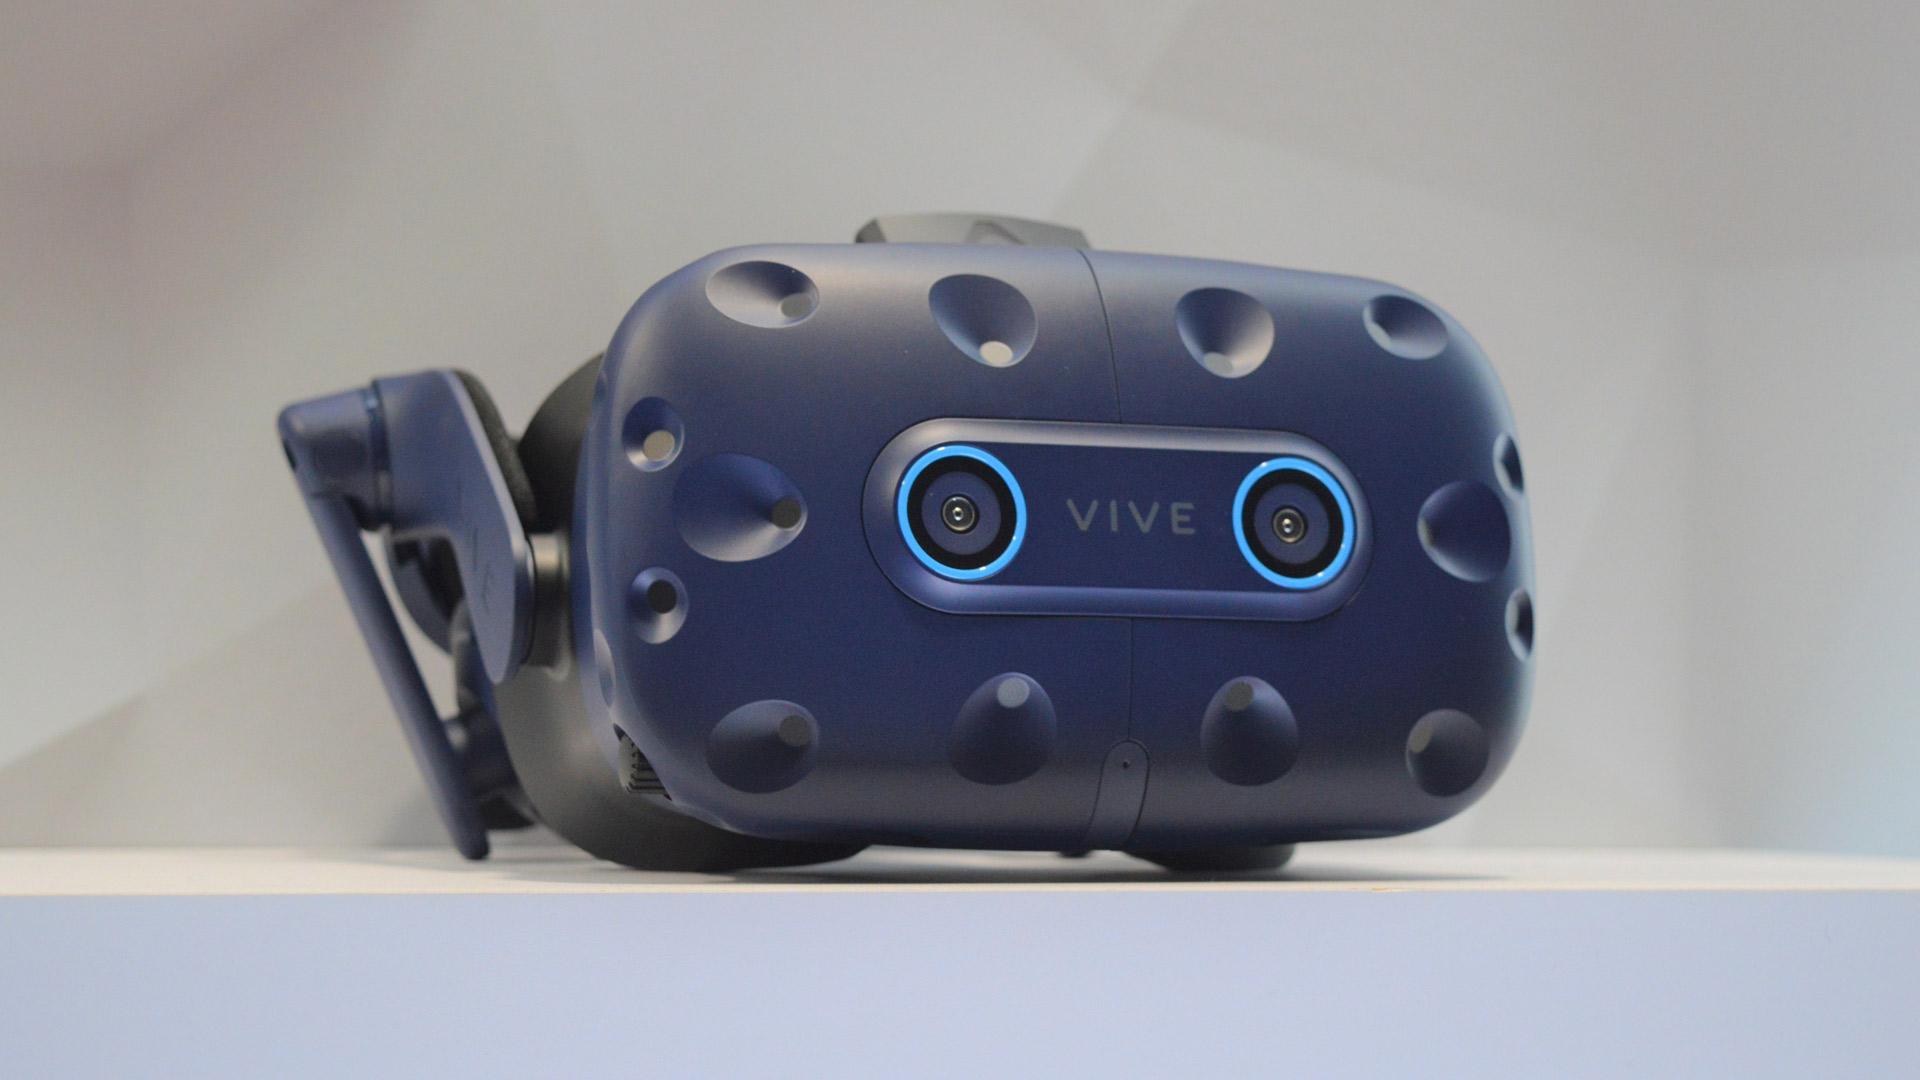 HTCVive Pro Eye CES 2019